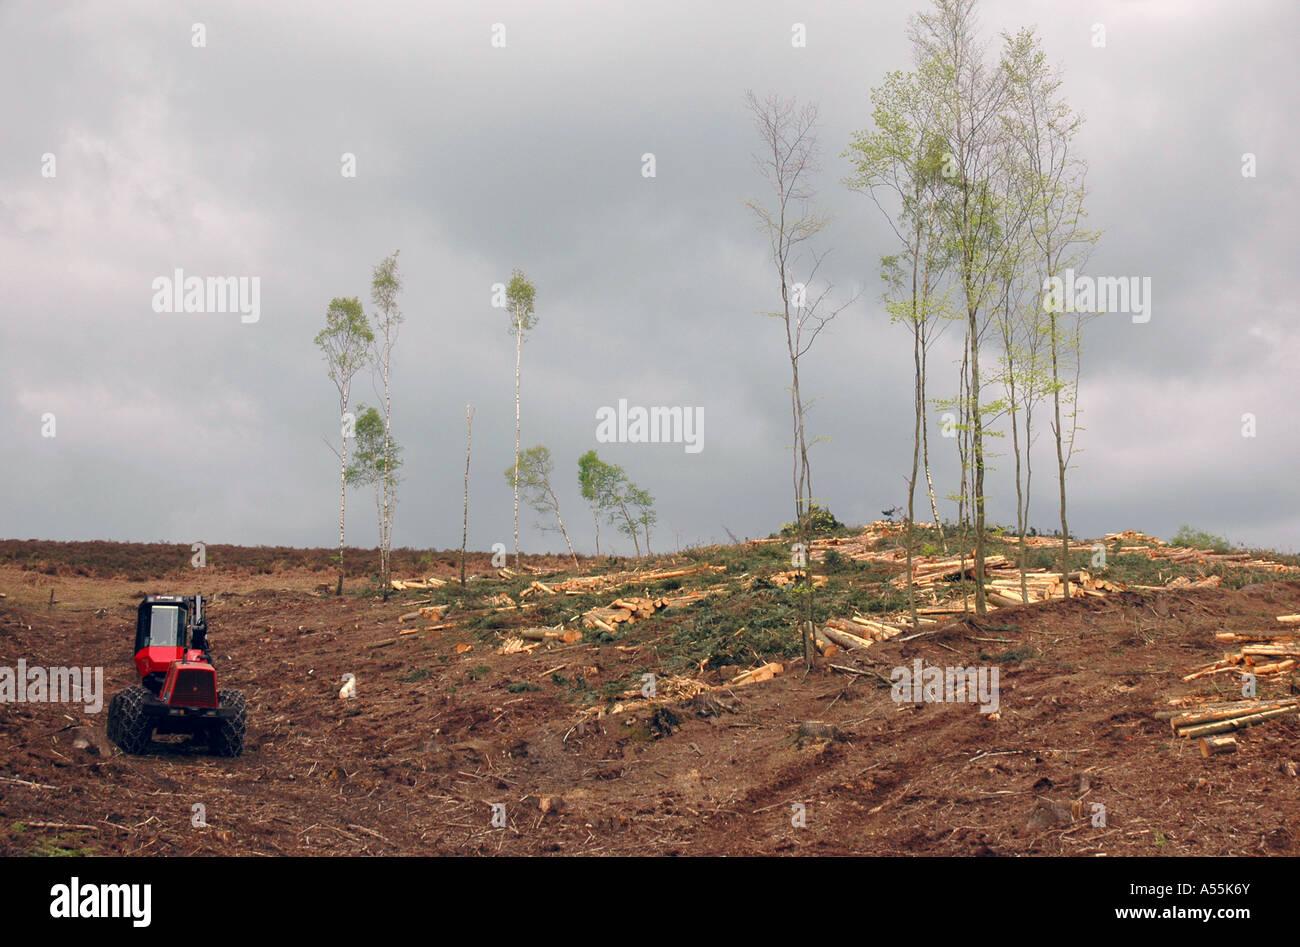 La deforestación de la gestión forestal en el New Forest, Inglaterra, Reino Unido. Imagen De Stock